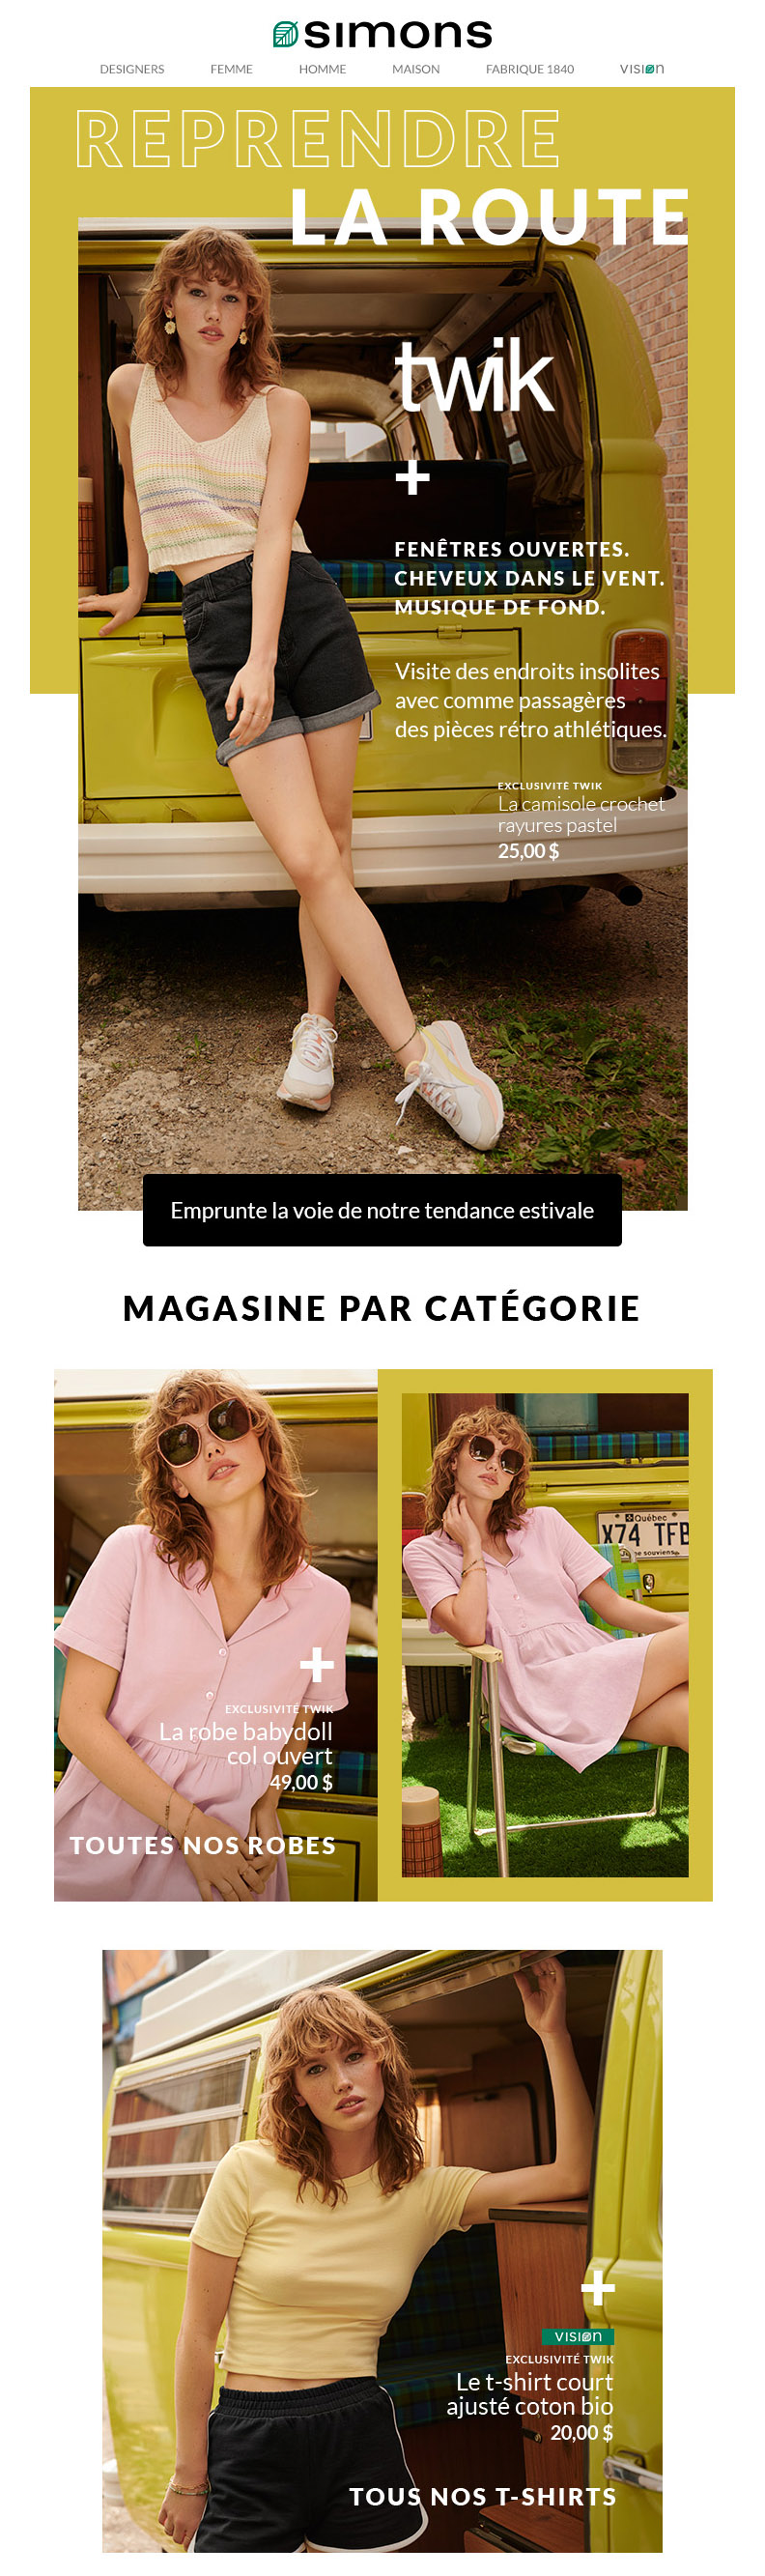 Camisole Tricot Et Short Athlétique Dans Le Rétro